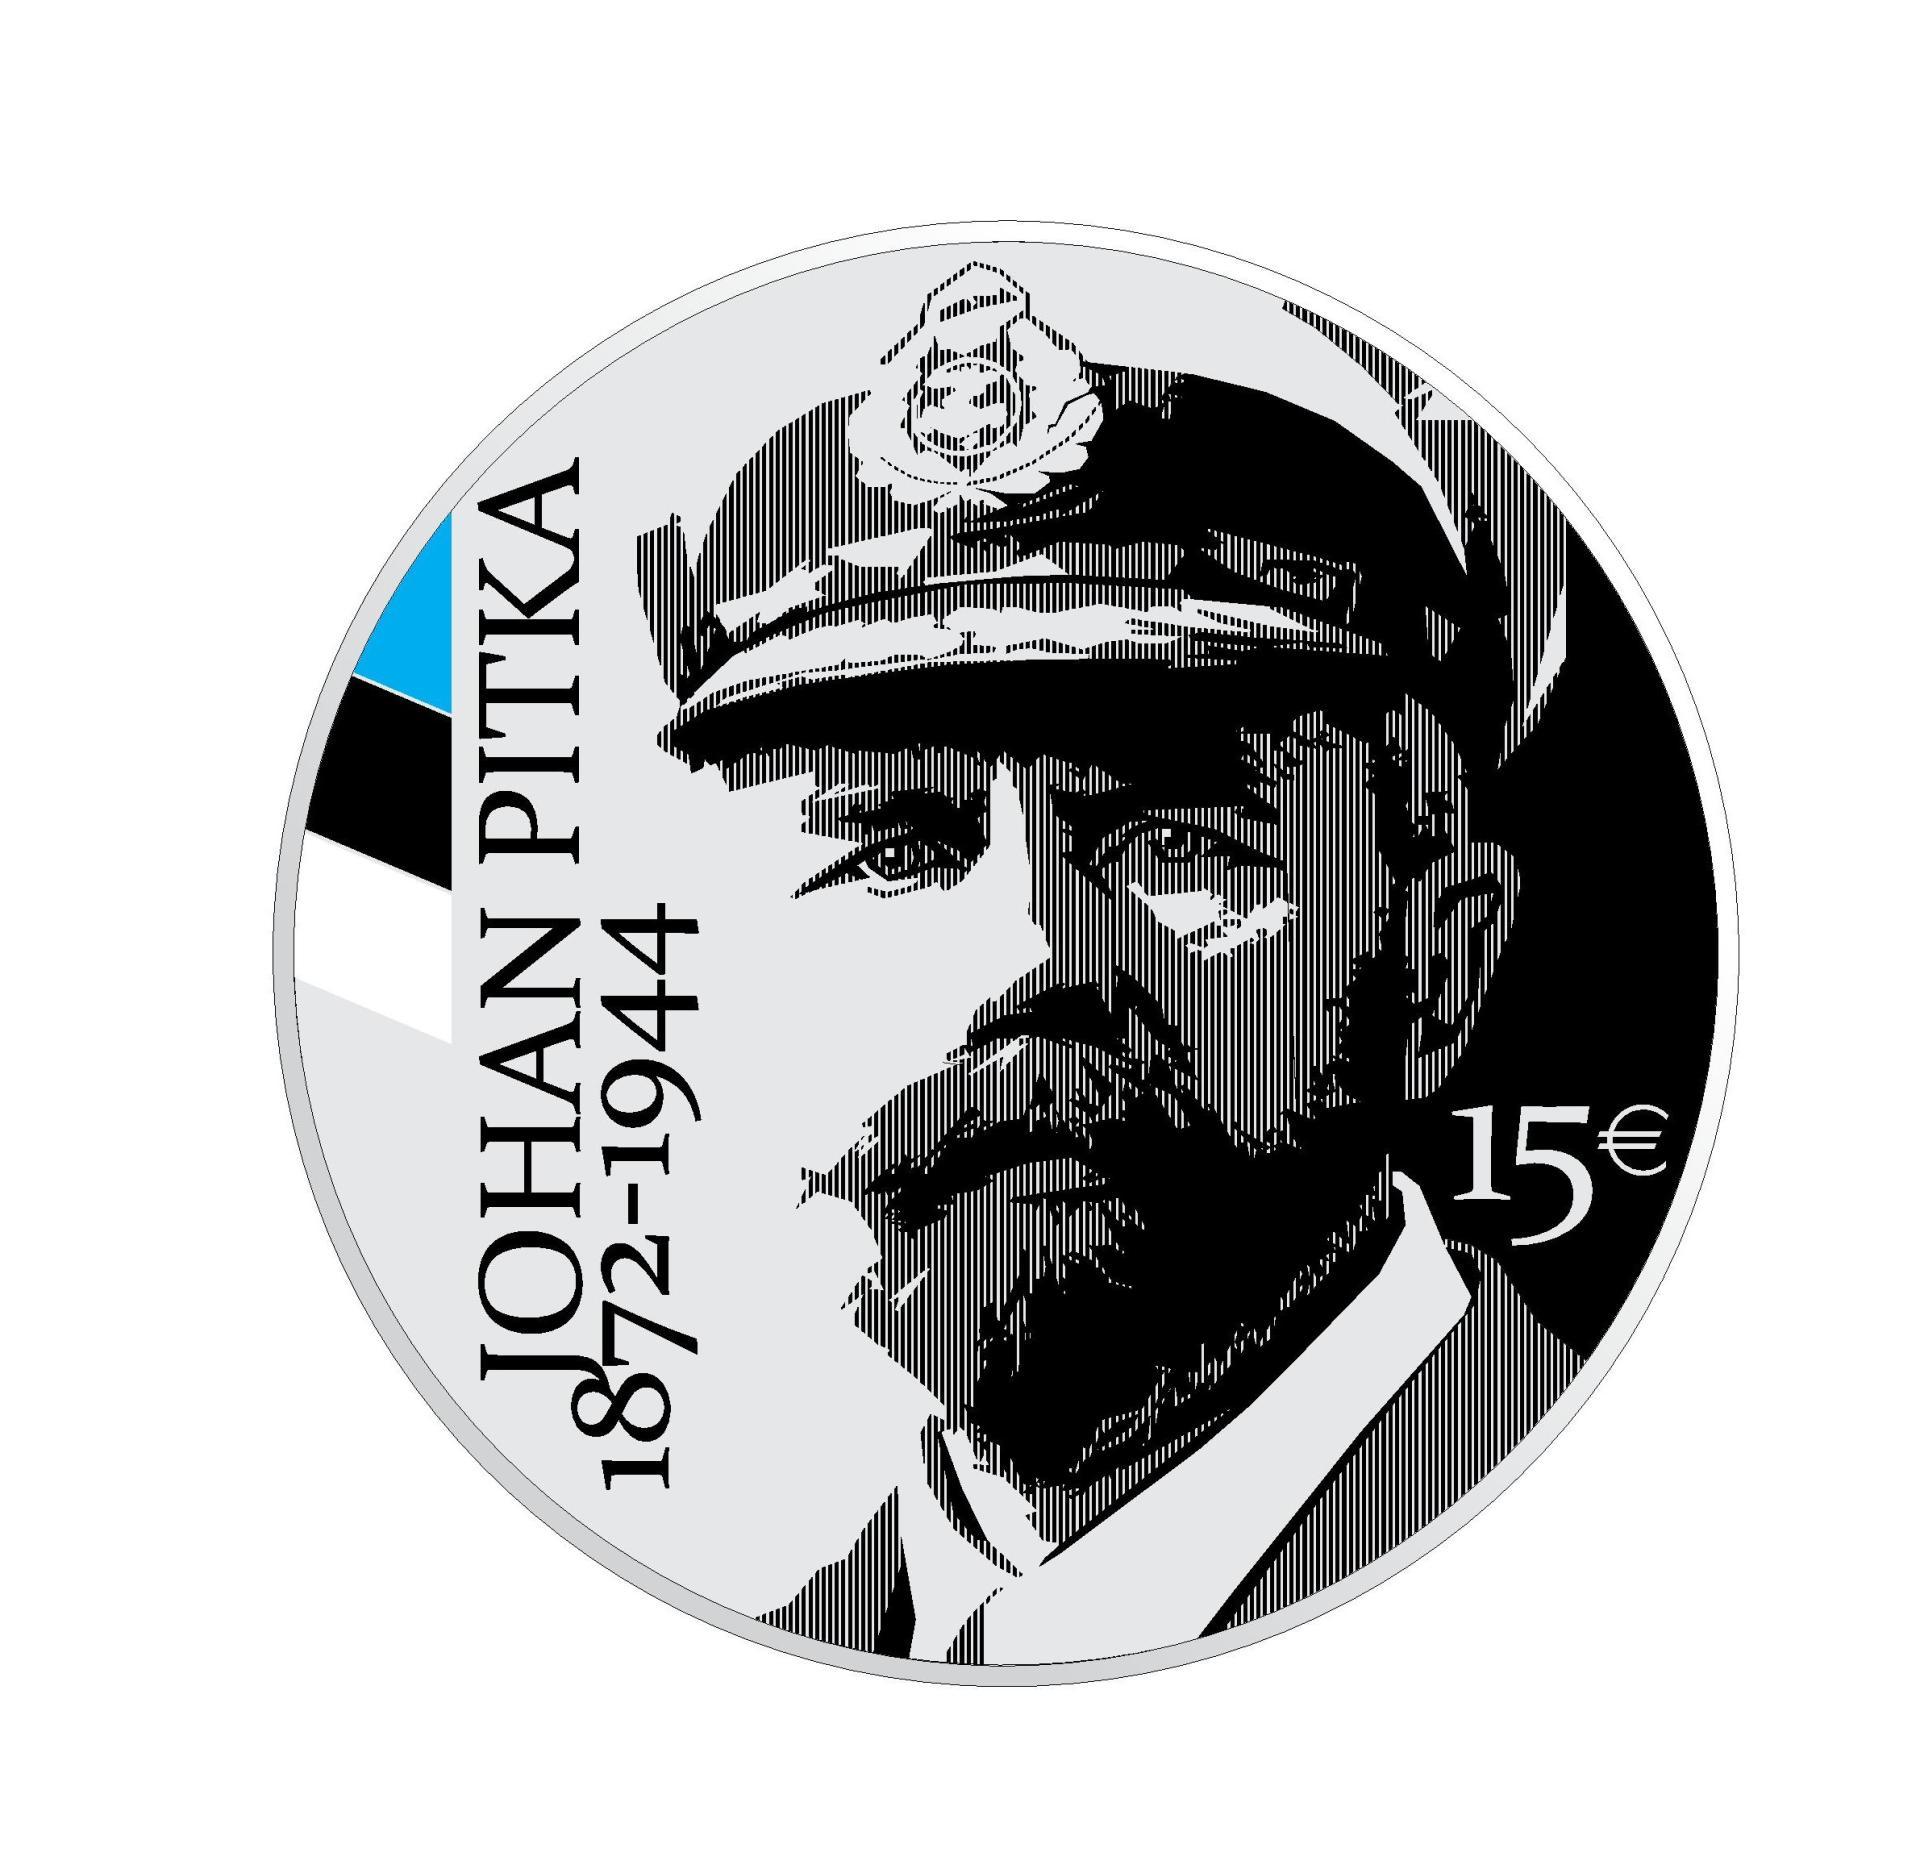 Johan Pitka 150. sünniaastapäevale pühendatud hõbemünt